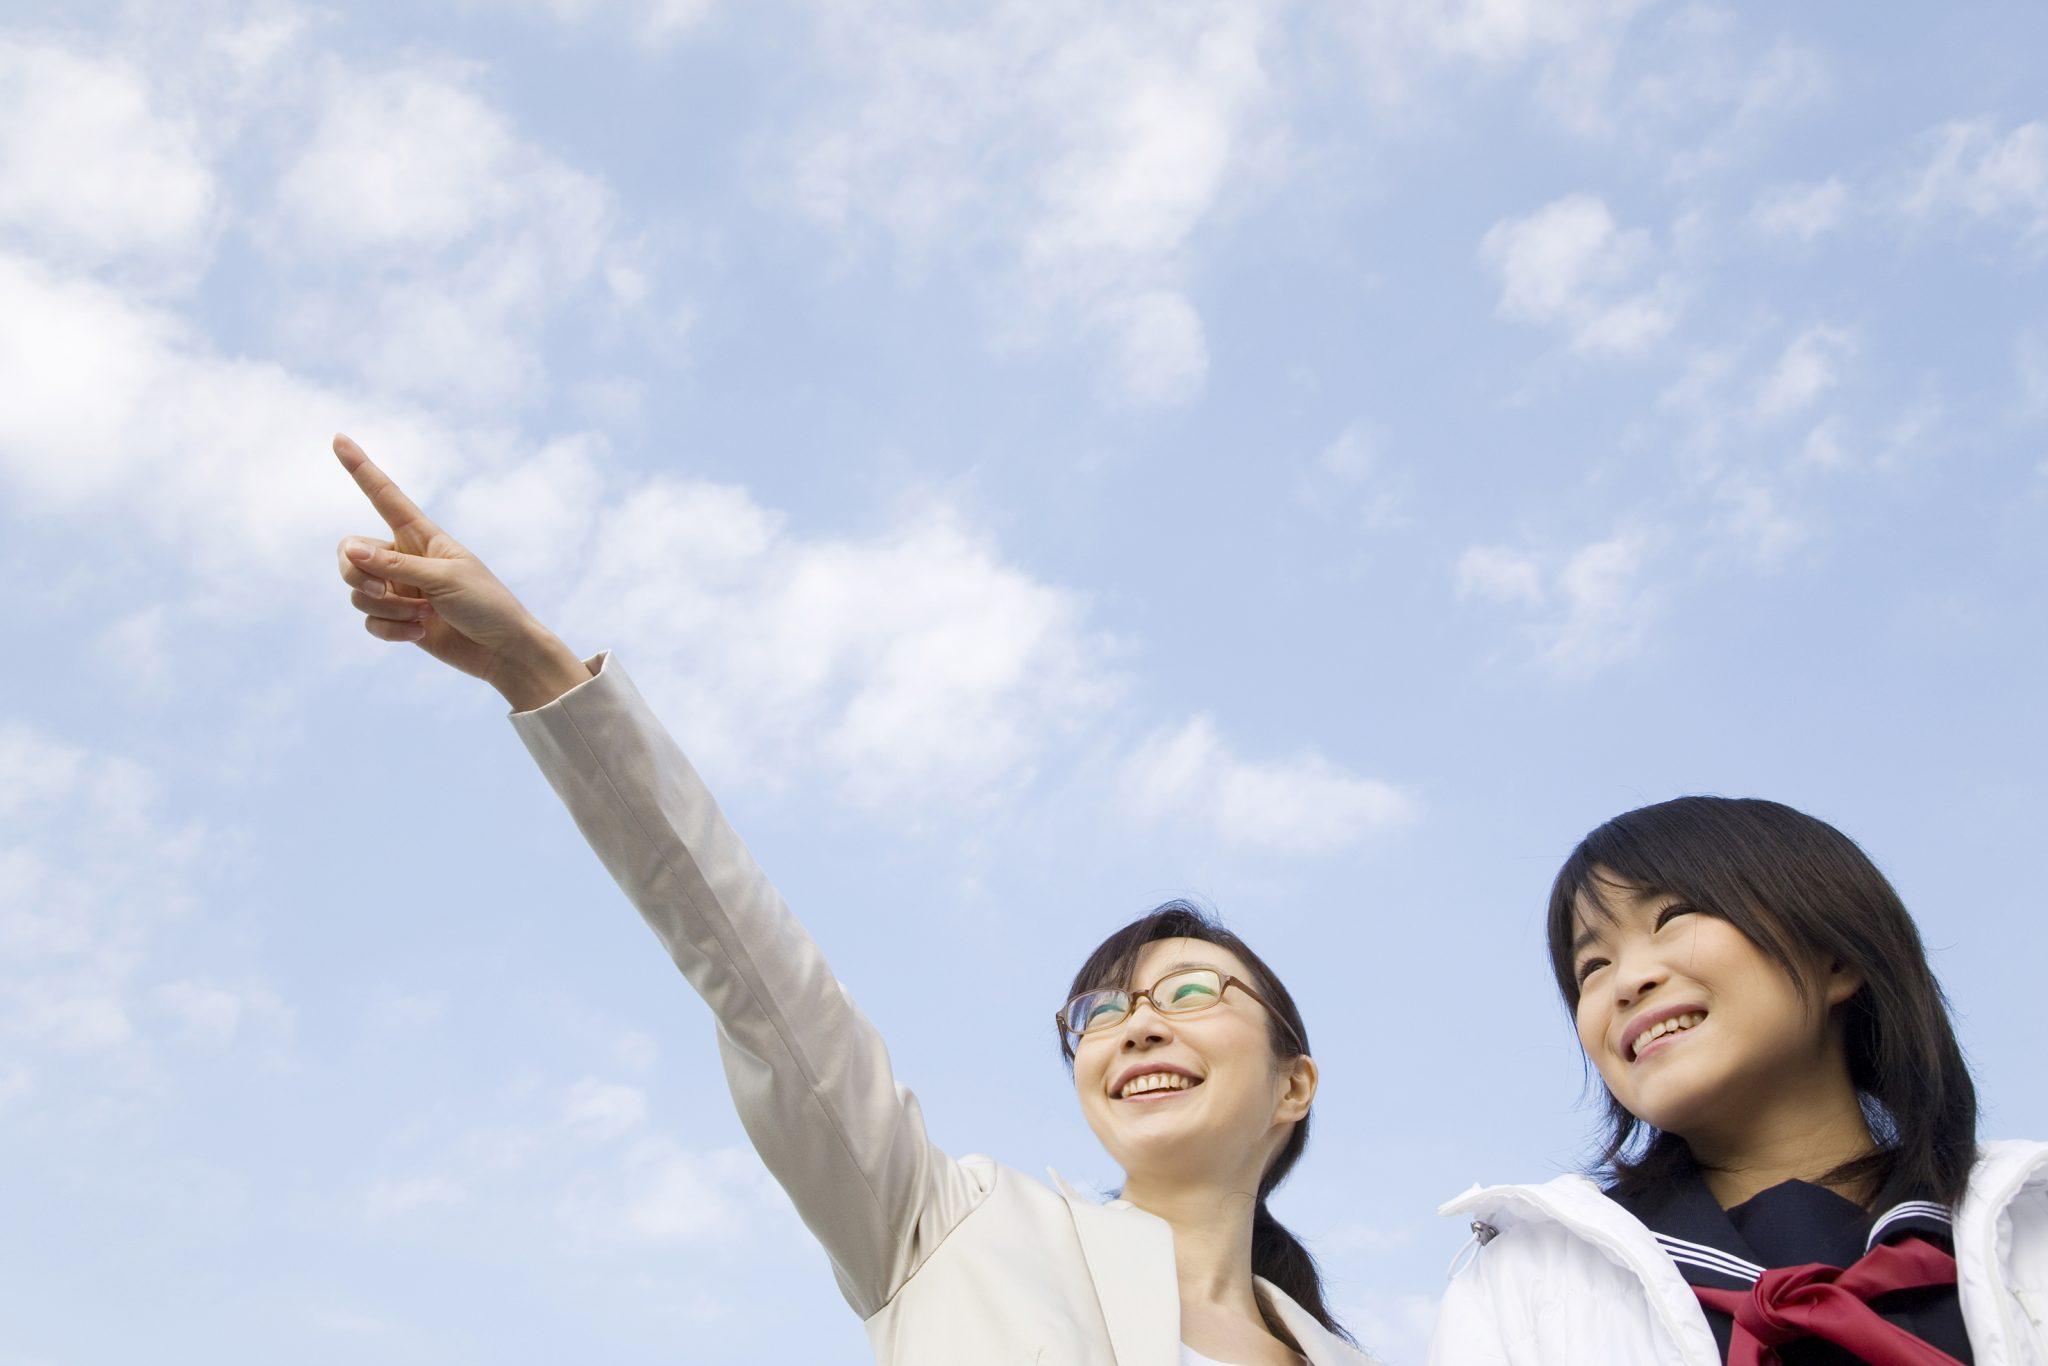 精華学園高等学校 東京ボイス校:卒業までに必要なこと